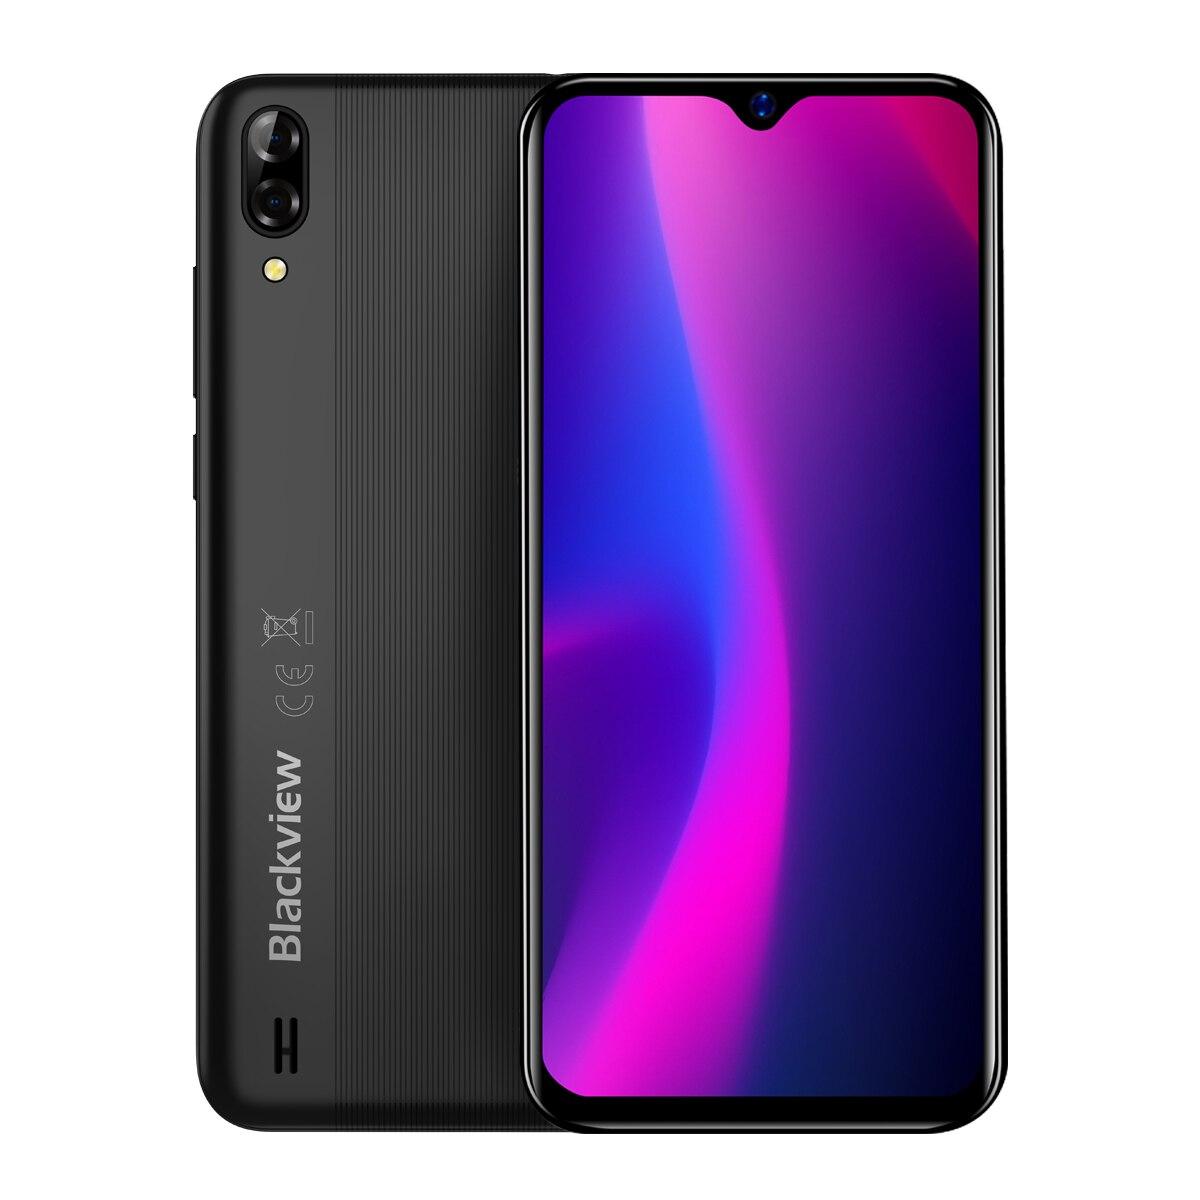 Nouveauté Blackview A60 Smartphone 4080mAh batterie 19:9 6.1 pouces double caméra 1GB RAM 16GB ROM téléphone portable 13MP + 5MP caméra - 4